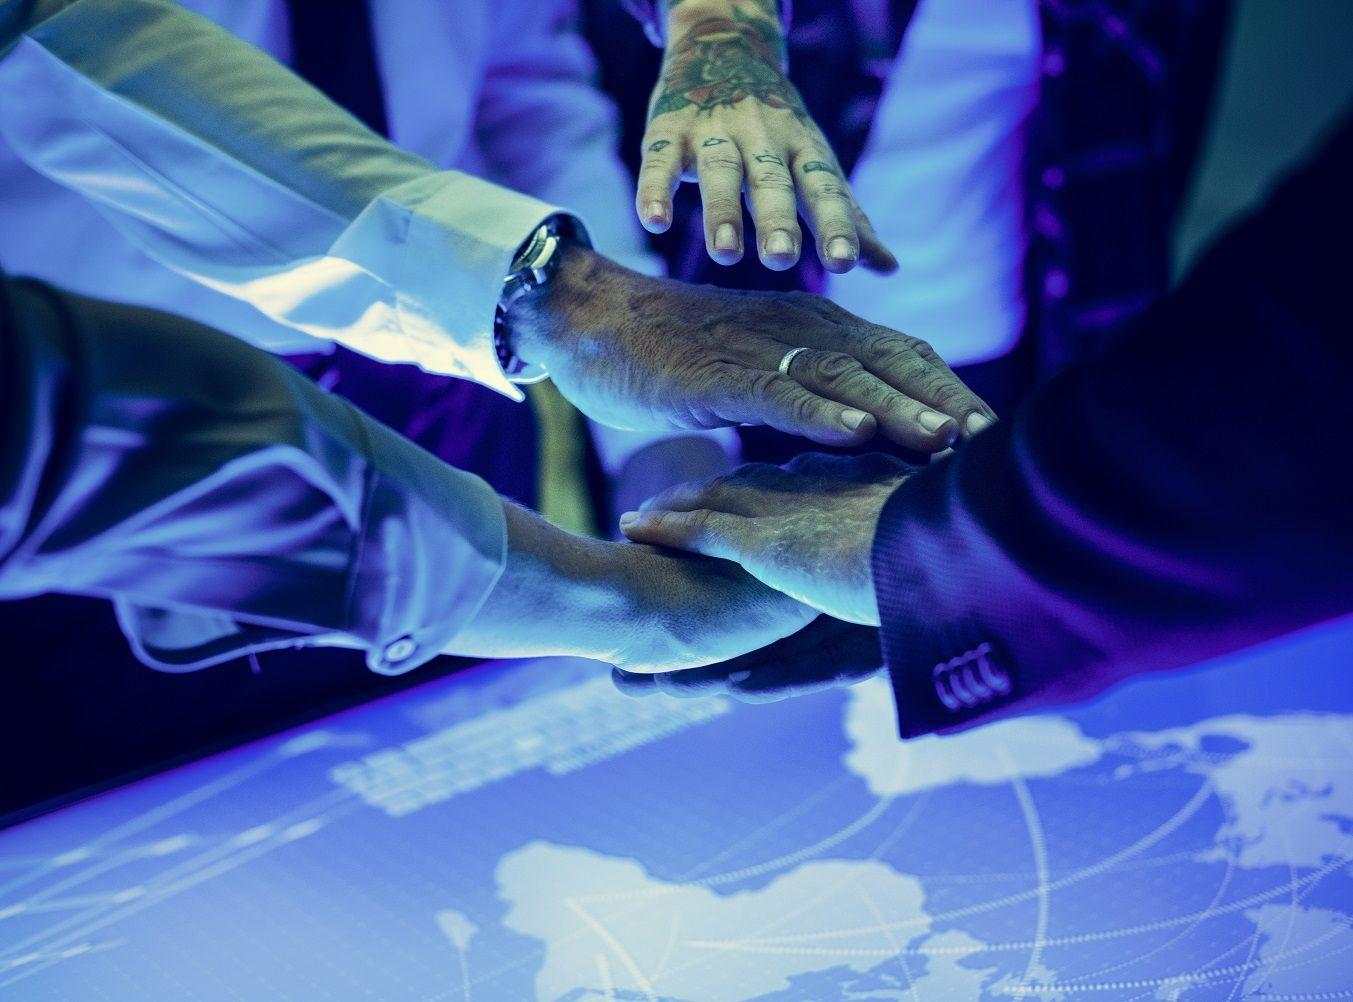 ОЭСР выпускает IT-инструменты для расширения обмена налоговой информацией